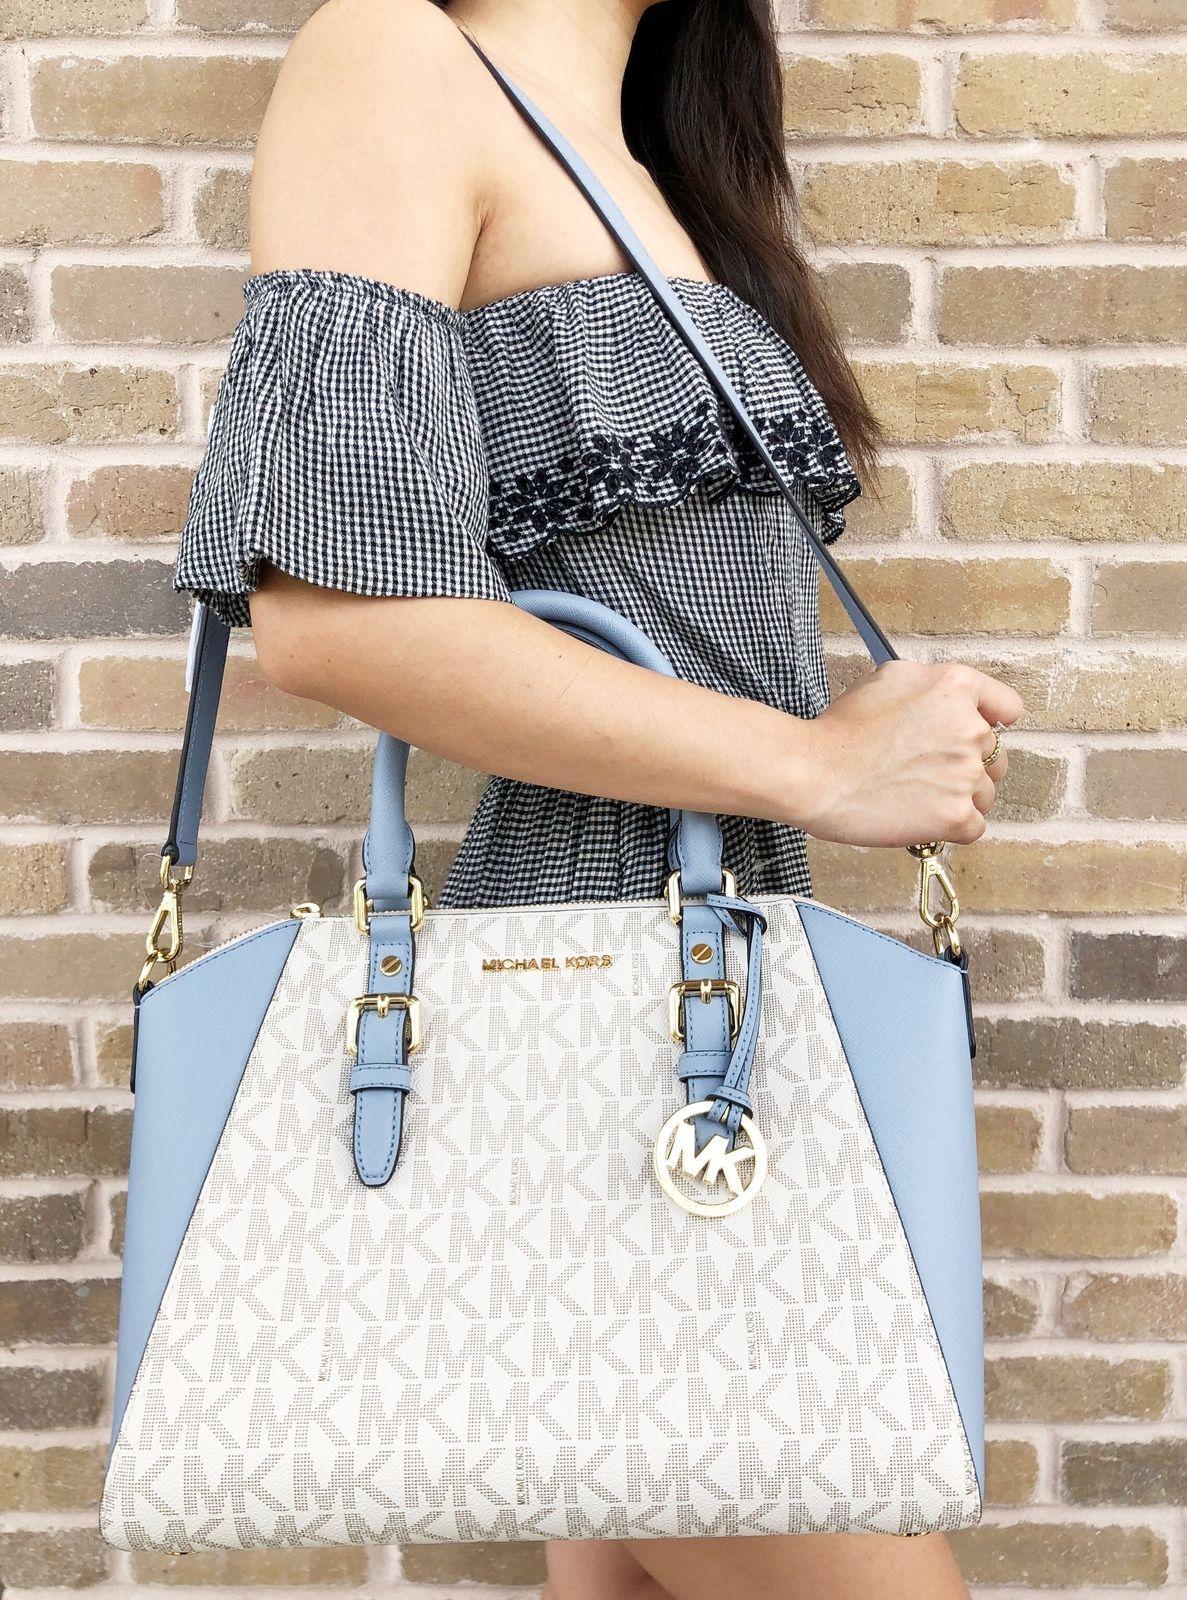 a3b9d055c1a6 Michael Kors Ciara Saffiano Large Top Zip and similar items. S l1600